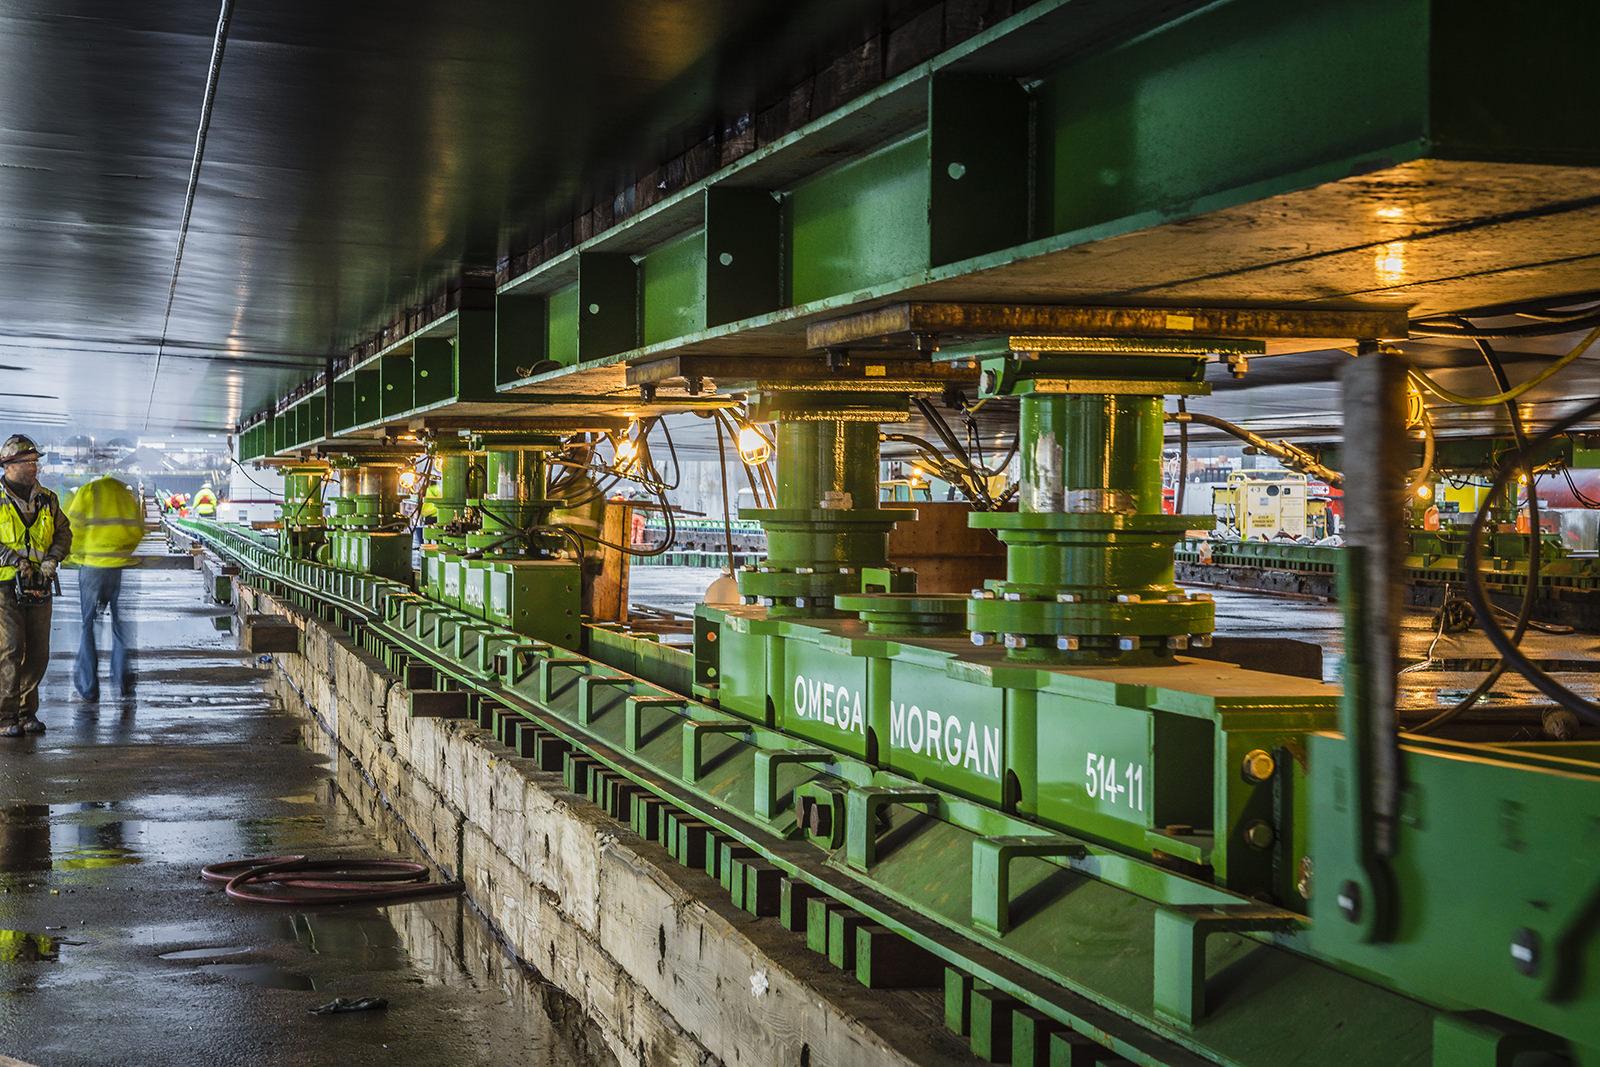 Omega Morgan heavy slide system under barge